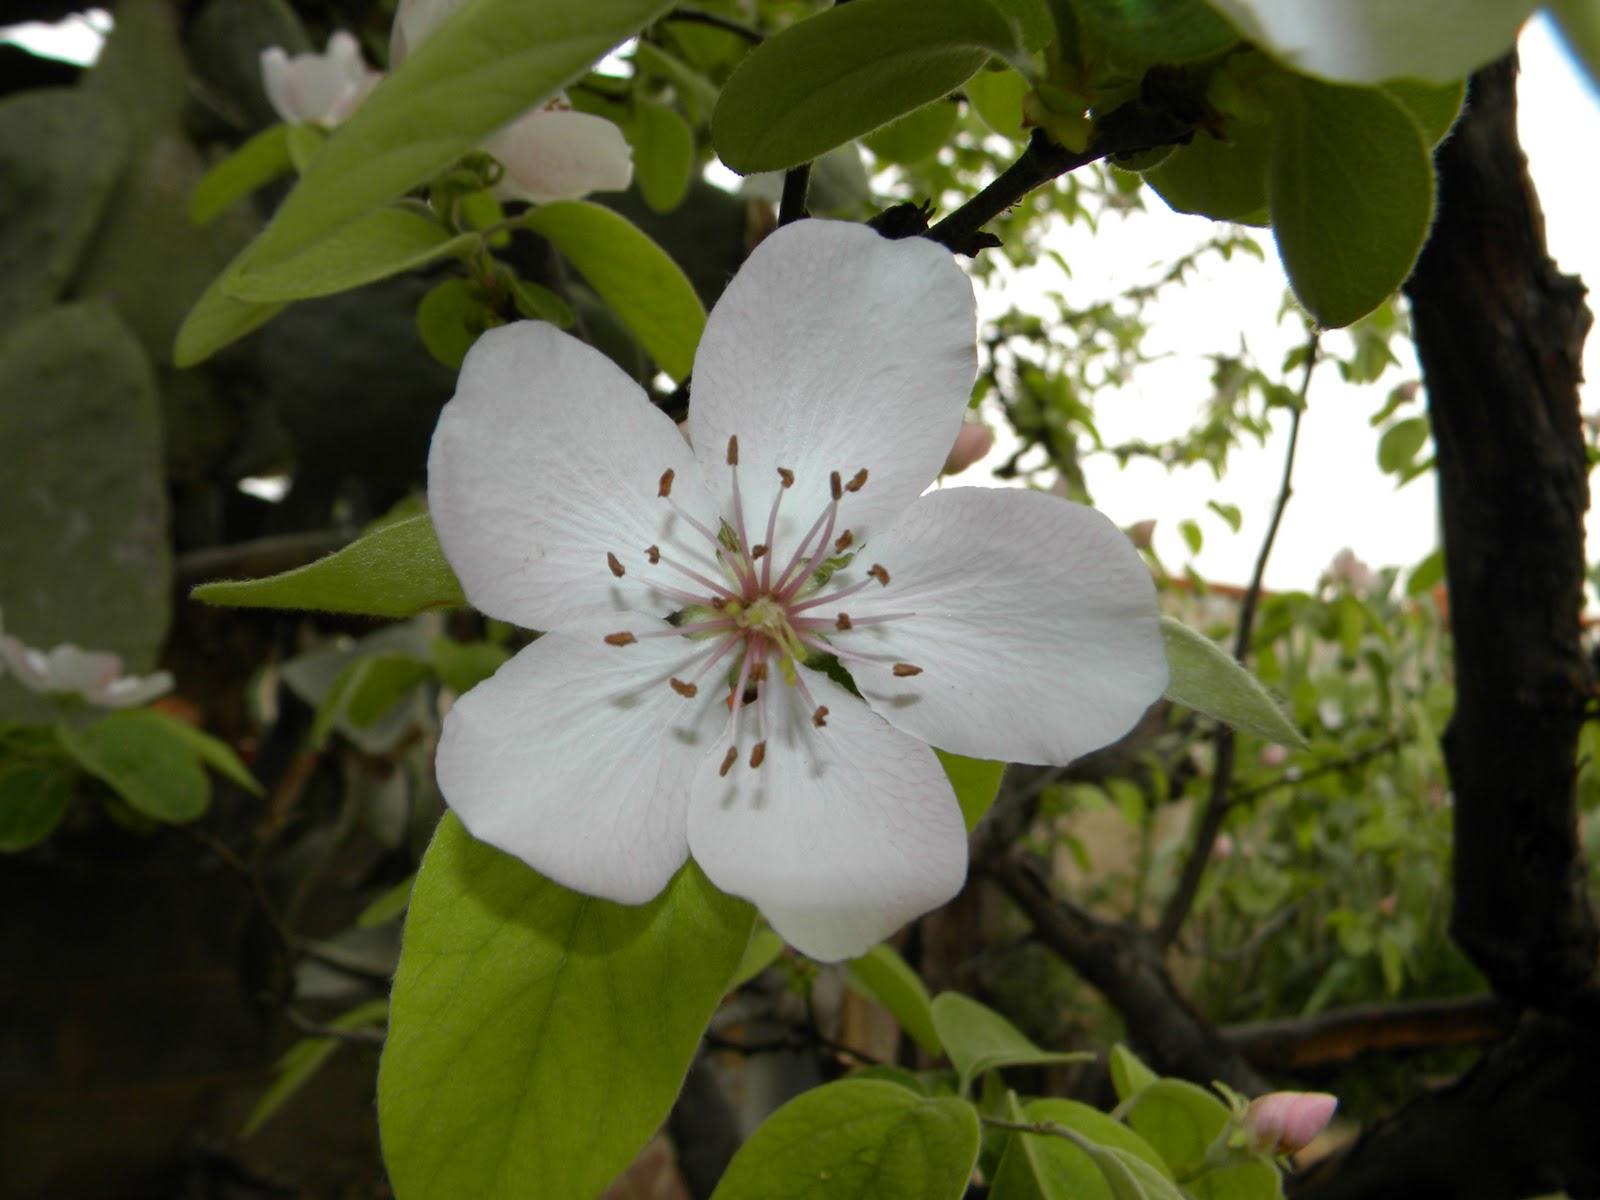 El huerto de tatay floracion manzano y membrillo - Membrillo arbol ...